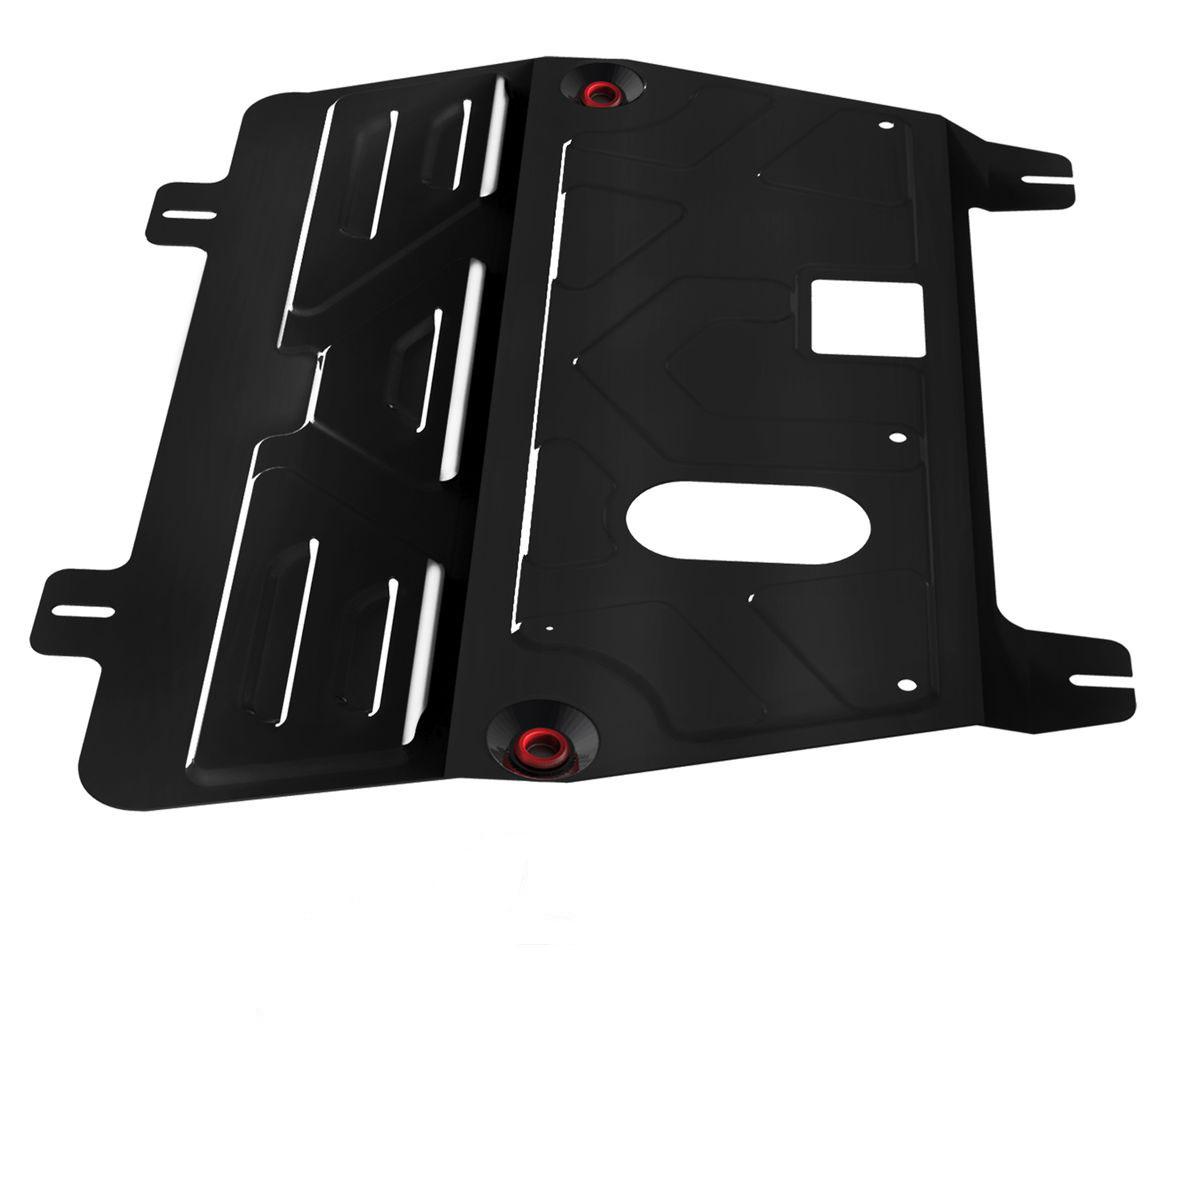 Защита картера и КПП Автоброня, для Nissan X-Trail, V2,0/Nissan Quasqai, V1,6, 2,0/Renault Koleos111.04111.1Технологически совершенный продукт за невысокую стоимость. Защита разработана с учетом особенностей днища автомобиля, что позволяет сохранить дорожный просвет с минимальным изменением. Защита устанавливается в штатные места кузова автомобиля. Глубокий штамп обеспечивает до двух раз больше жесткости в сравнении с обычной защитой той же толщины. Проштампованные ребра жесткости препятствуют деформации защиты при ударах. Тепловой зазор и вентиляционные отверстия обеспечивают сохранение температурного режима двигателя в норме. Скрытый крепеж предотвращает срыв крепежных элементов при наезде на препятствие. Шумопоглощающие резиновые элементы обеспечивают комфортную езду без вибраций и скрежета металла, а съемные лючки для слива масла и замены фильтра - экономию средств и время. Конструкция изделия не влияет на пассивную безопасность автомобиля (при ударе защита не воздействует на деформационные зоны кузова). Со штатным крепежом. В комплекте инструкция по...